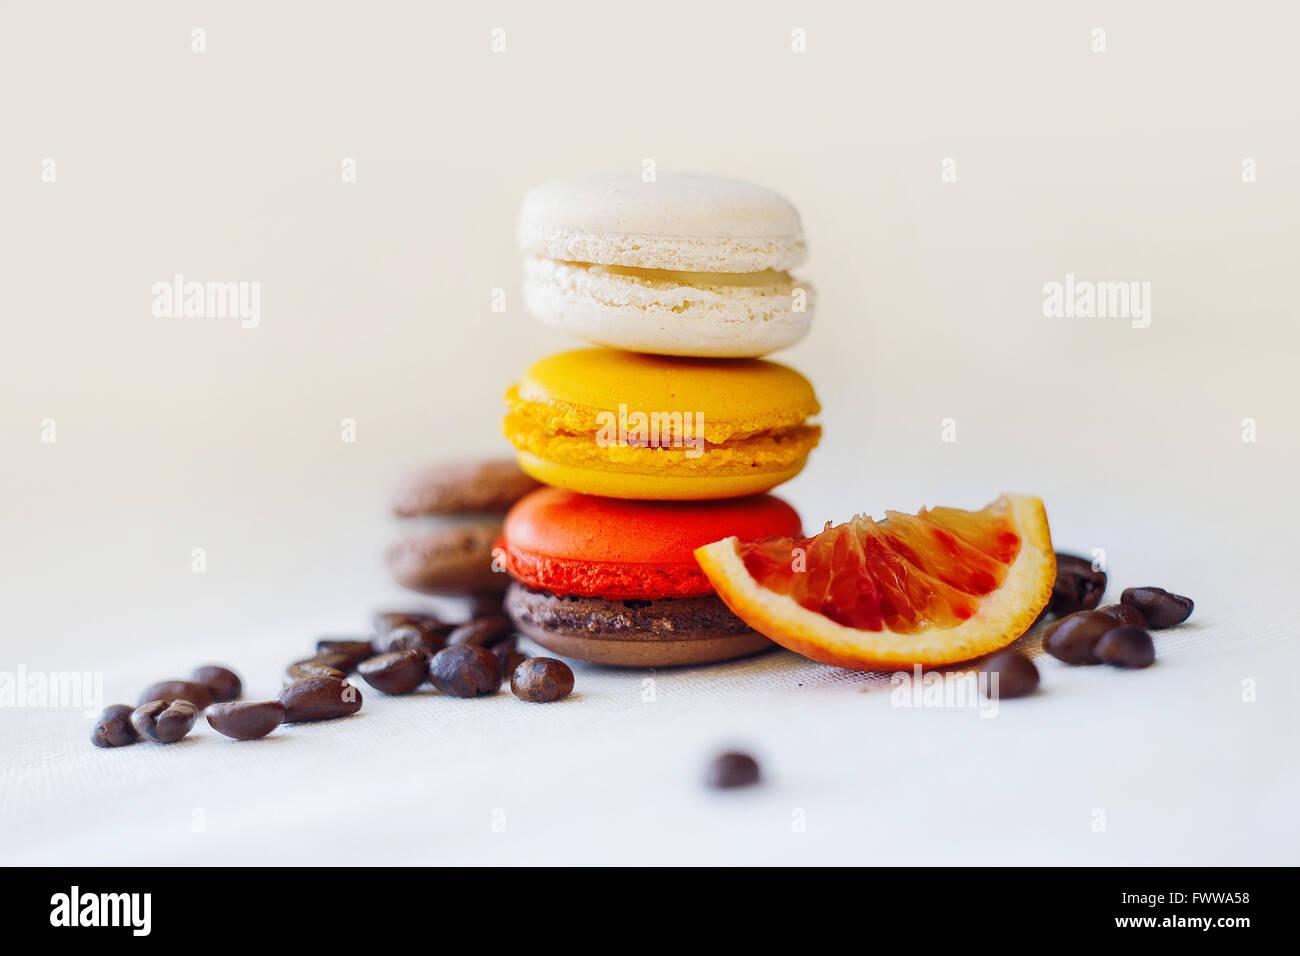 Amaretti colorati torre close-up su sfondo nero. Il gusto del caffè e rosso arancio, grano, frutta Immagini Stock